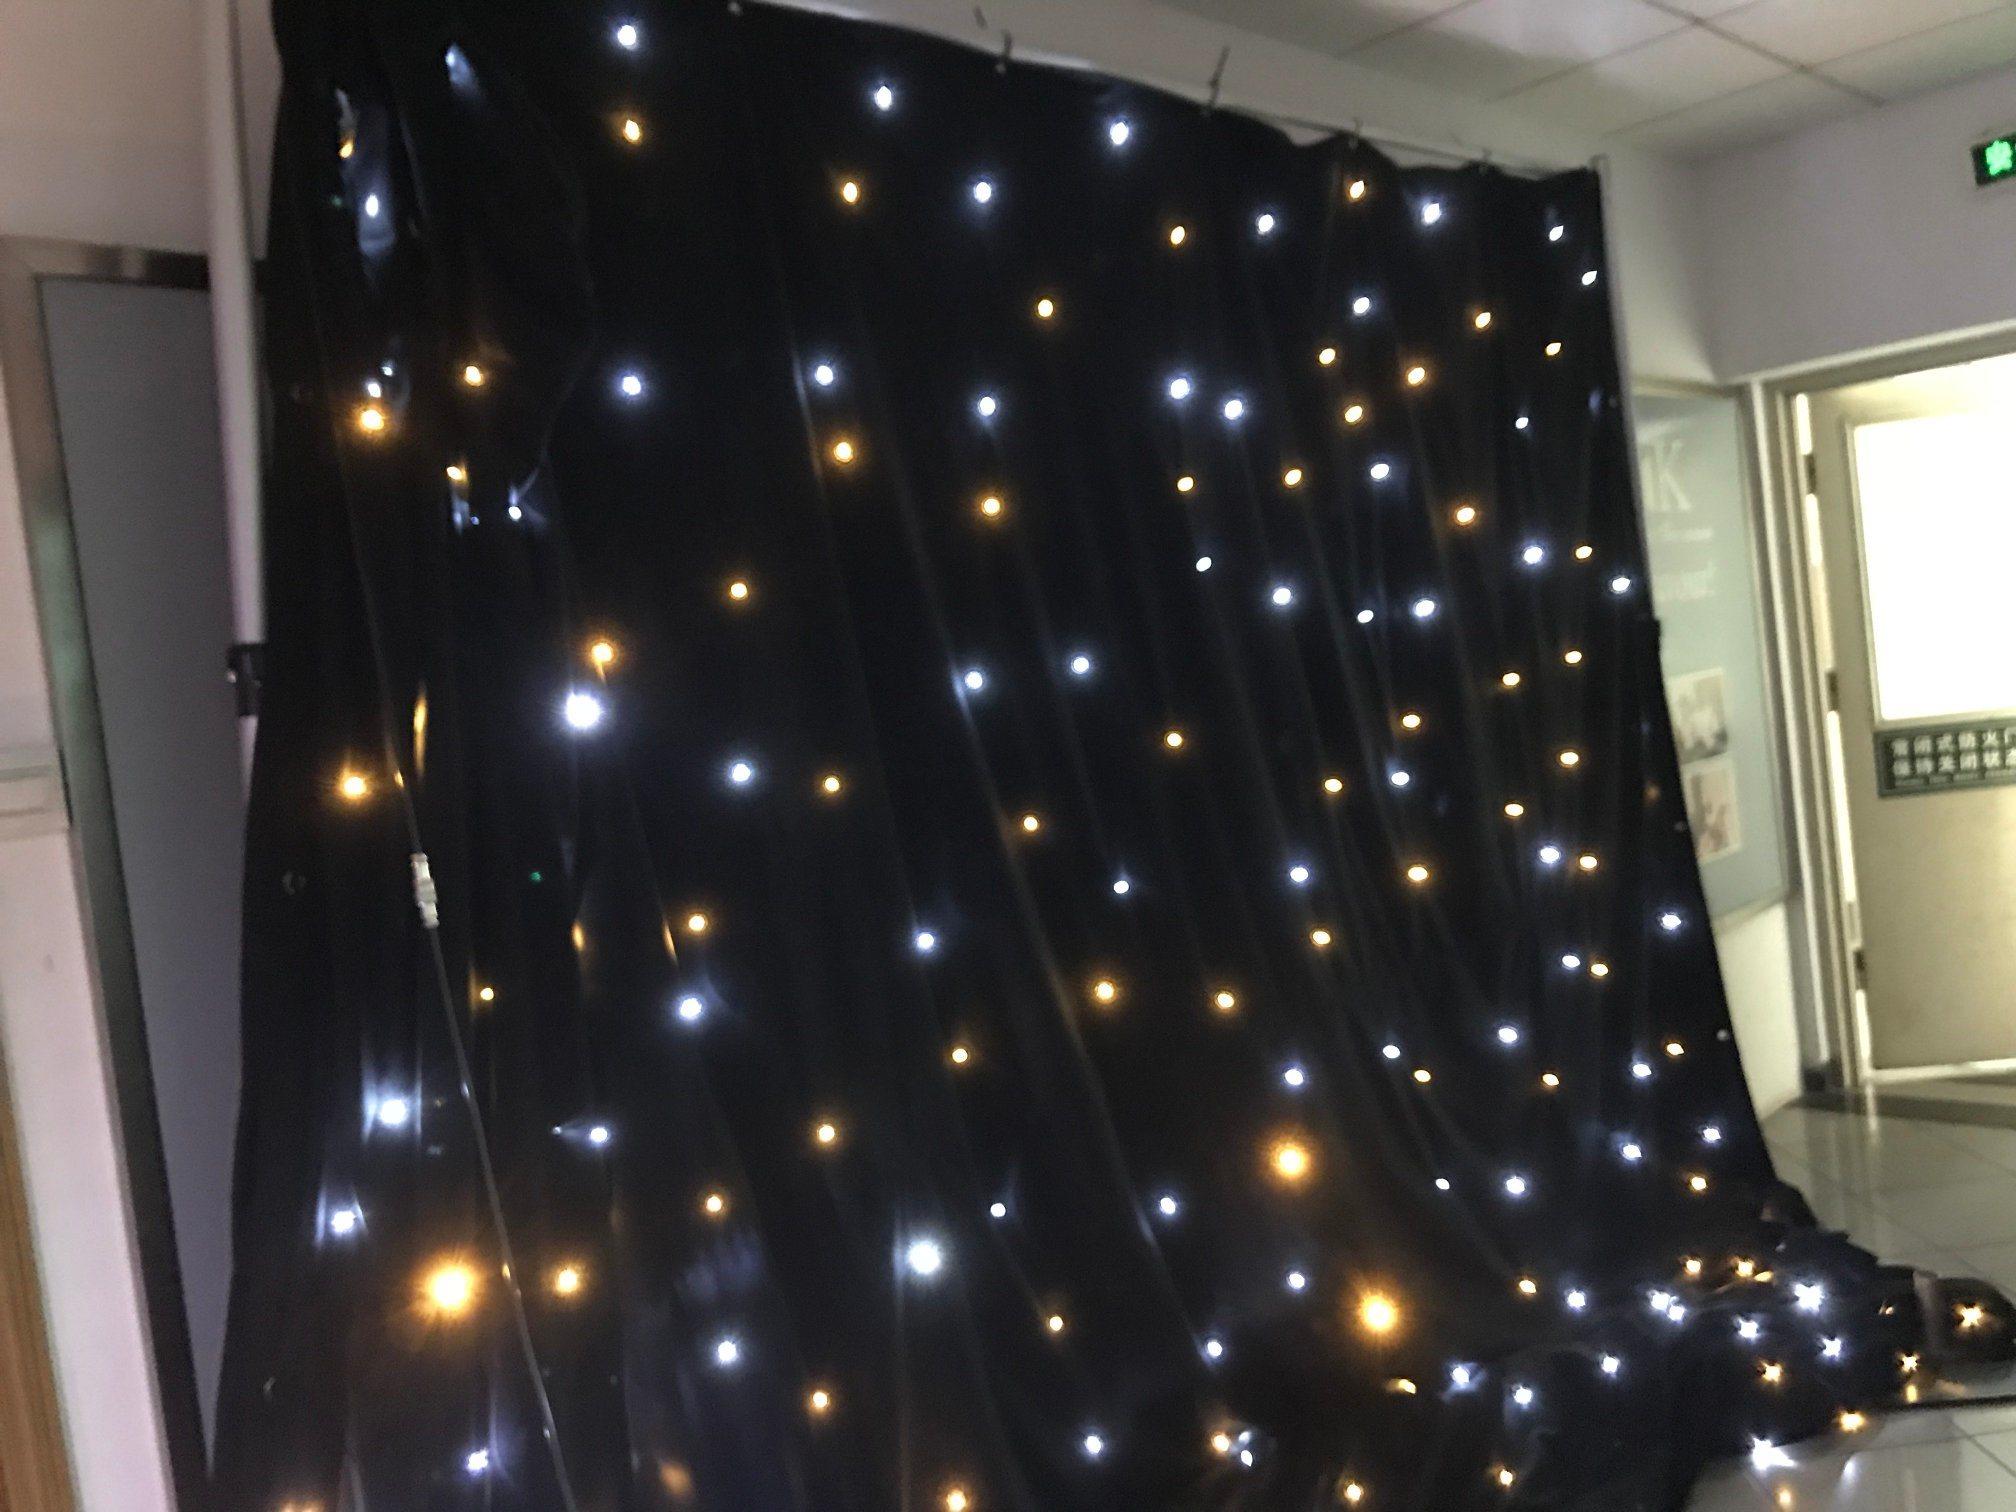 China Led Warm White Lights Curtain For Wedding Backdrop Decoration China Led Star Curtain Wedding Backdrop